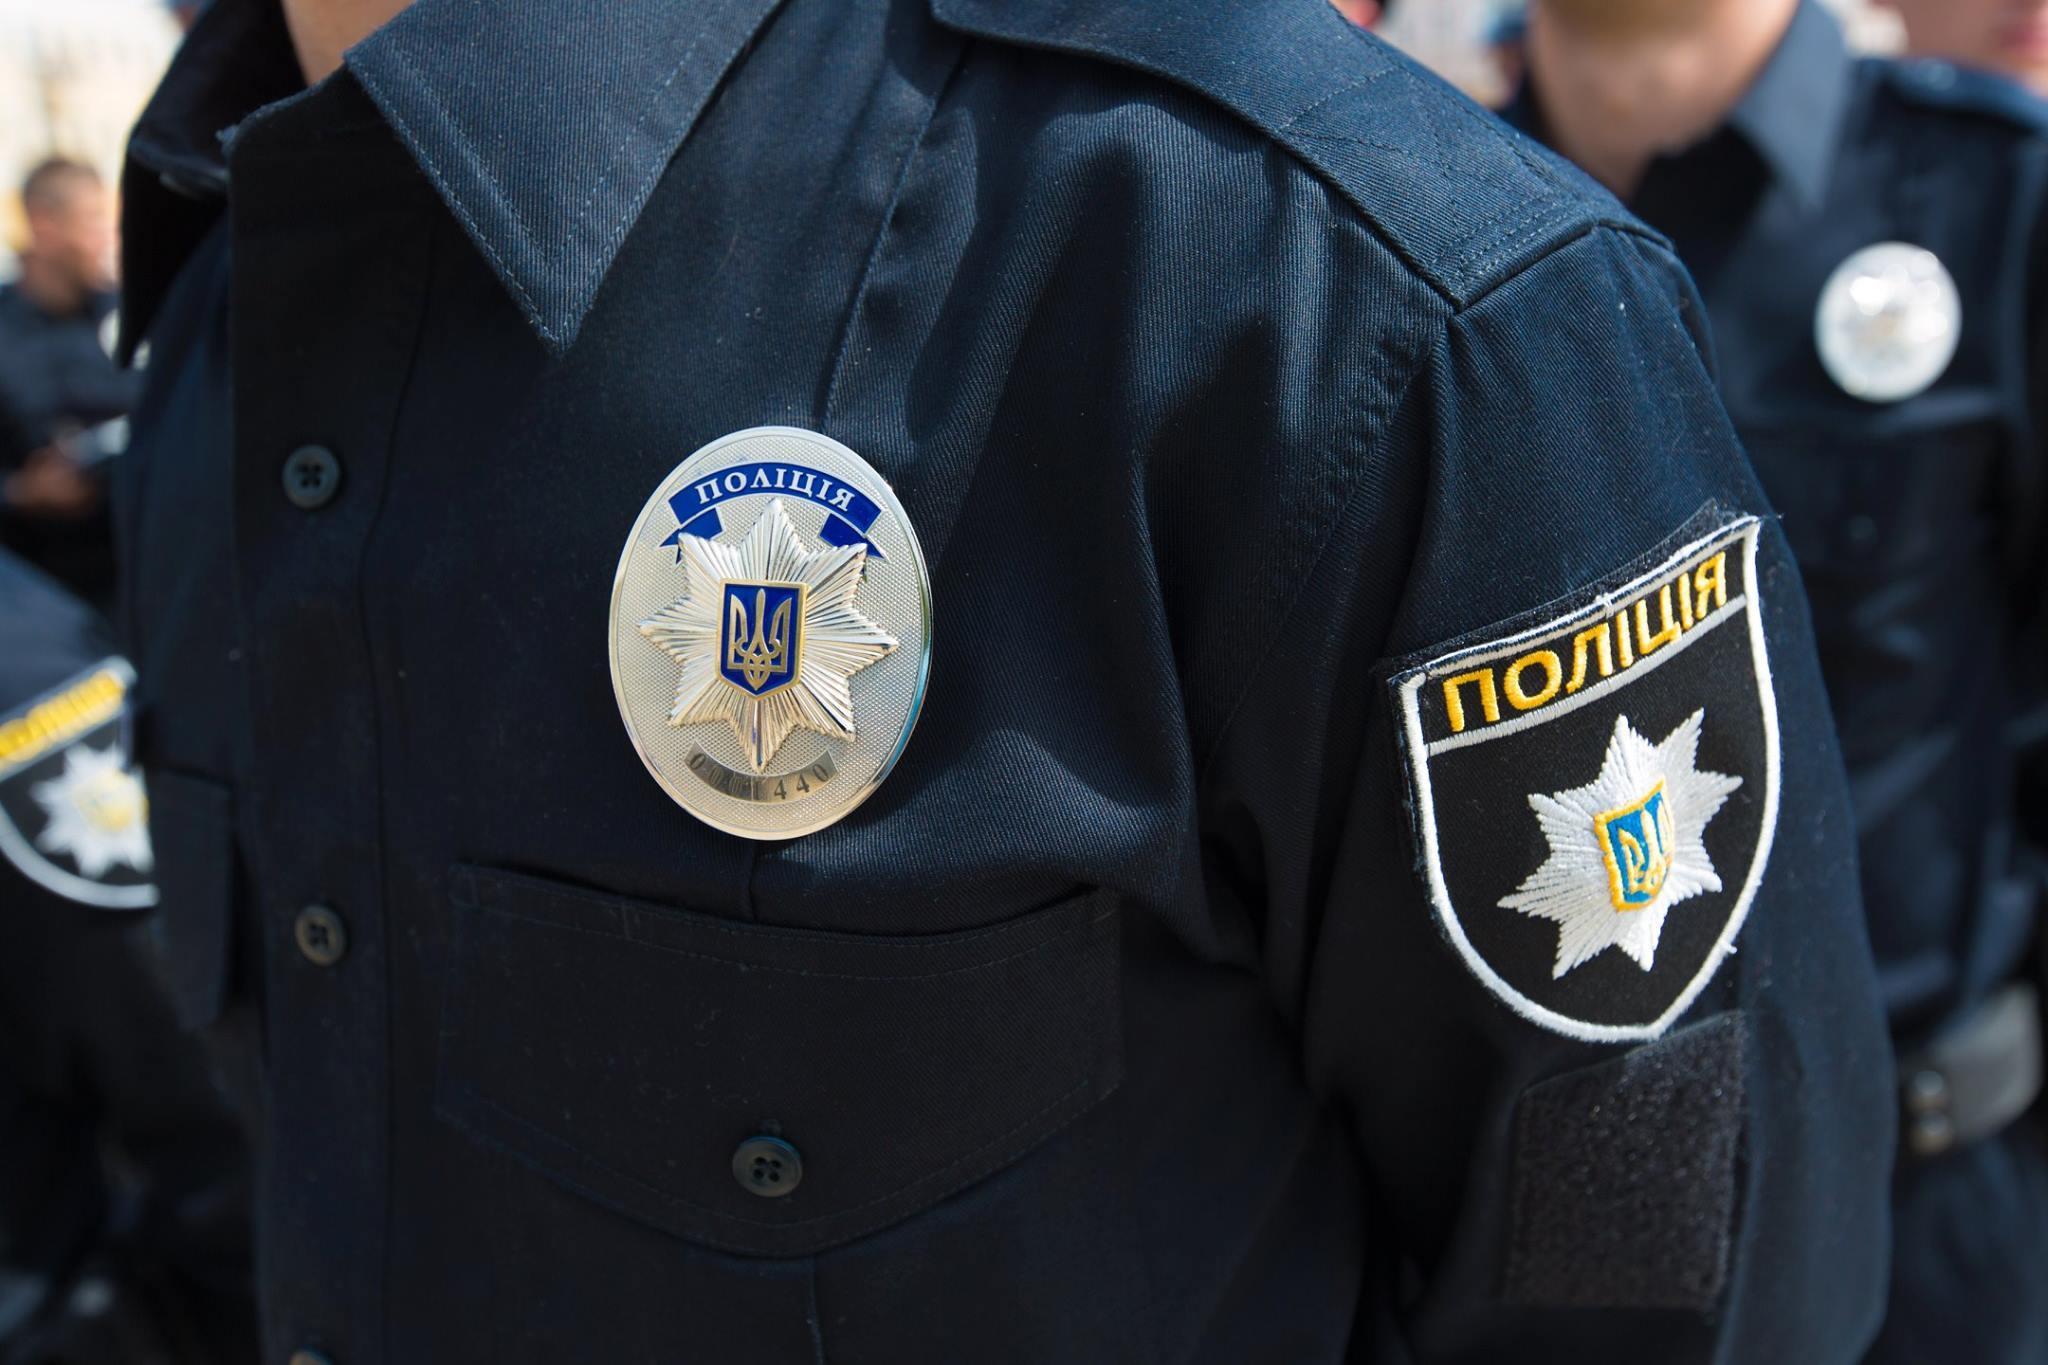 Трагедия в Киеве: в полиции сообщили подробности и посоветовали быть осторожными на улице – видео